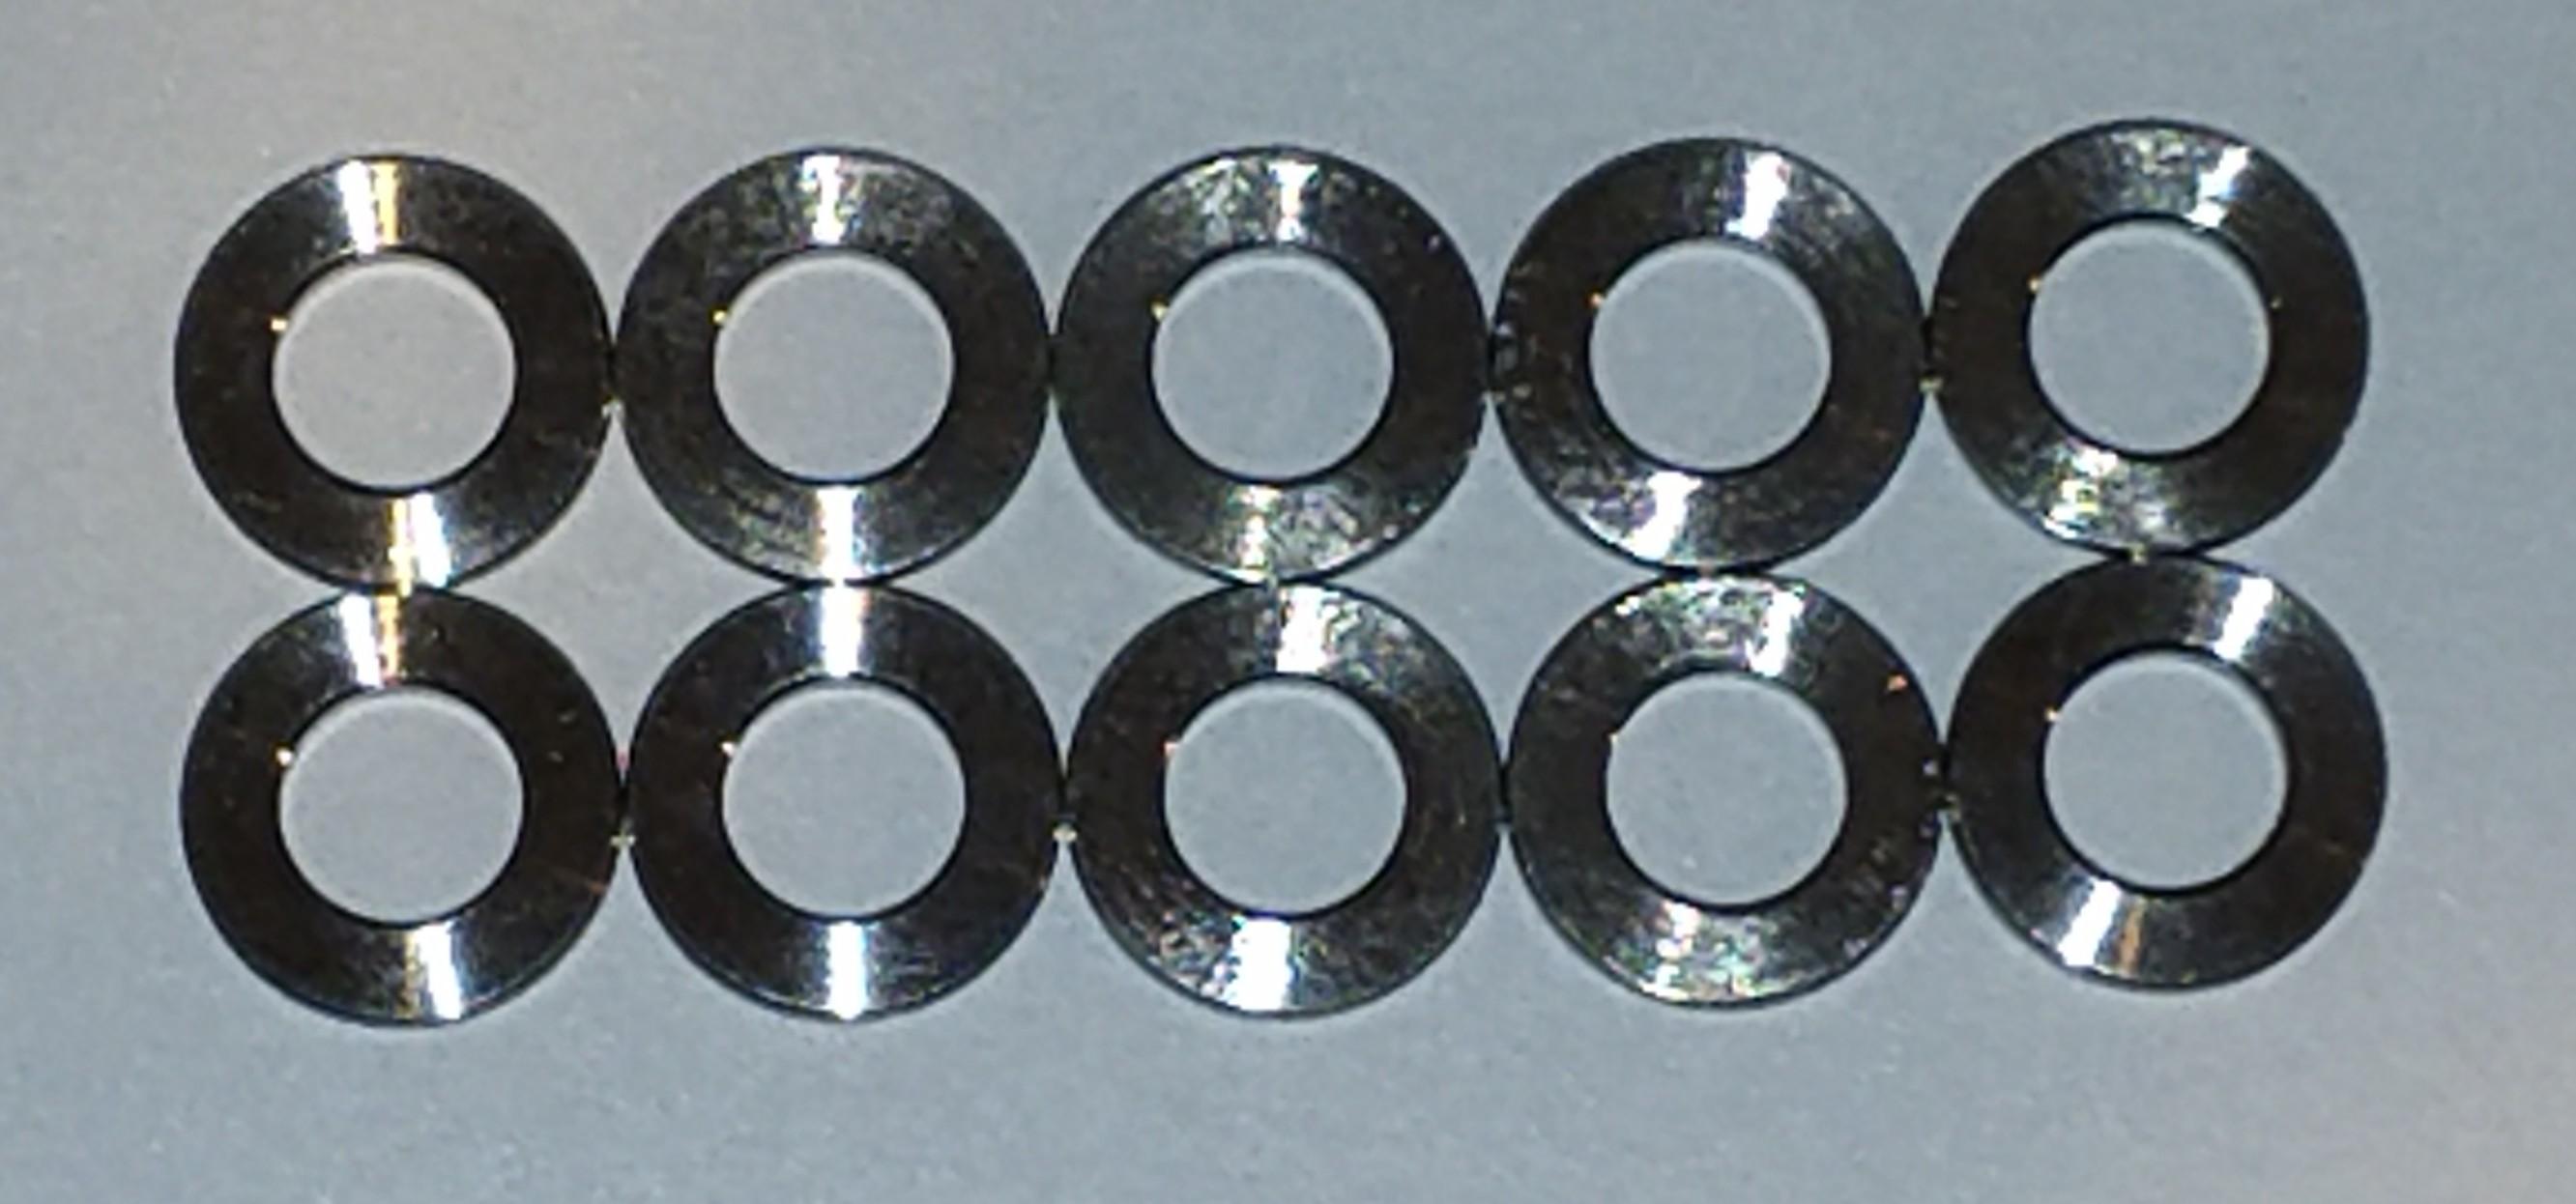 Titanium Washers: 6mm (10-Pack)